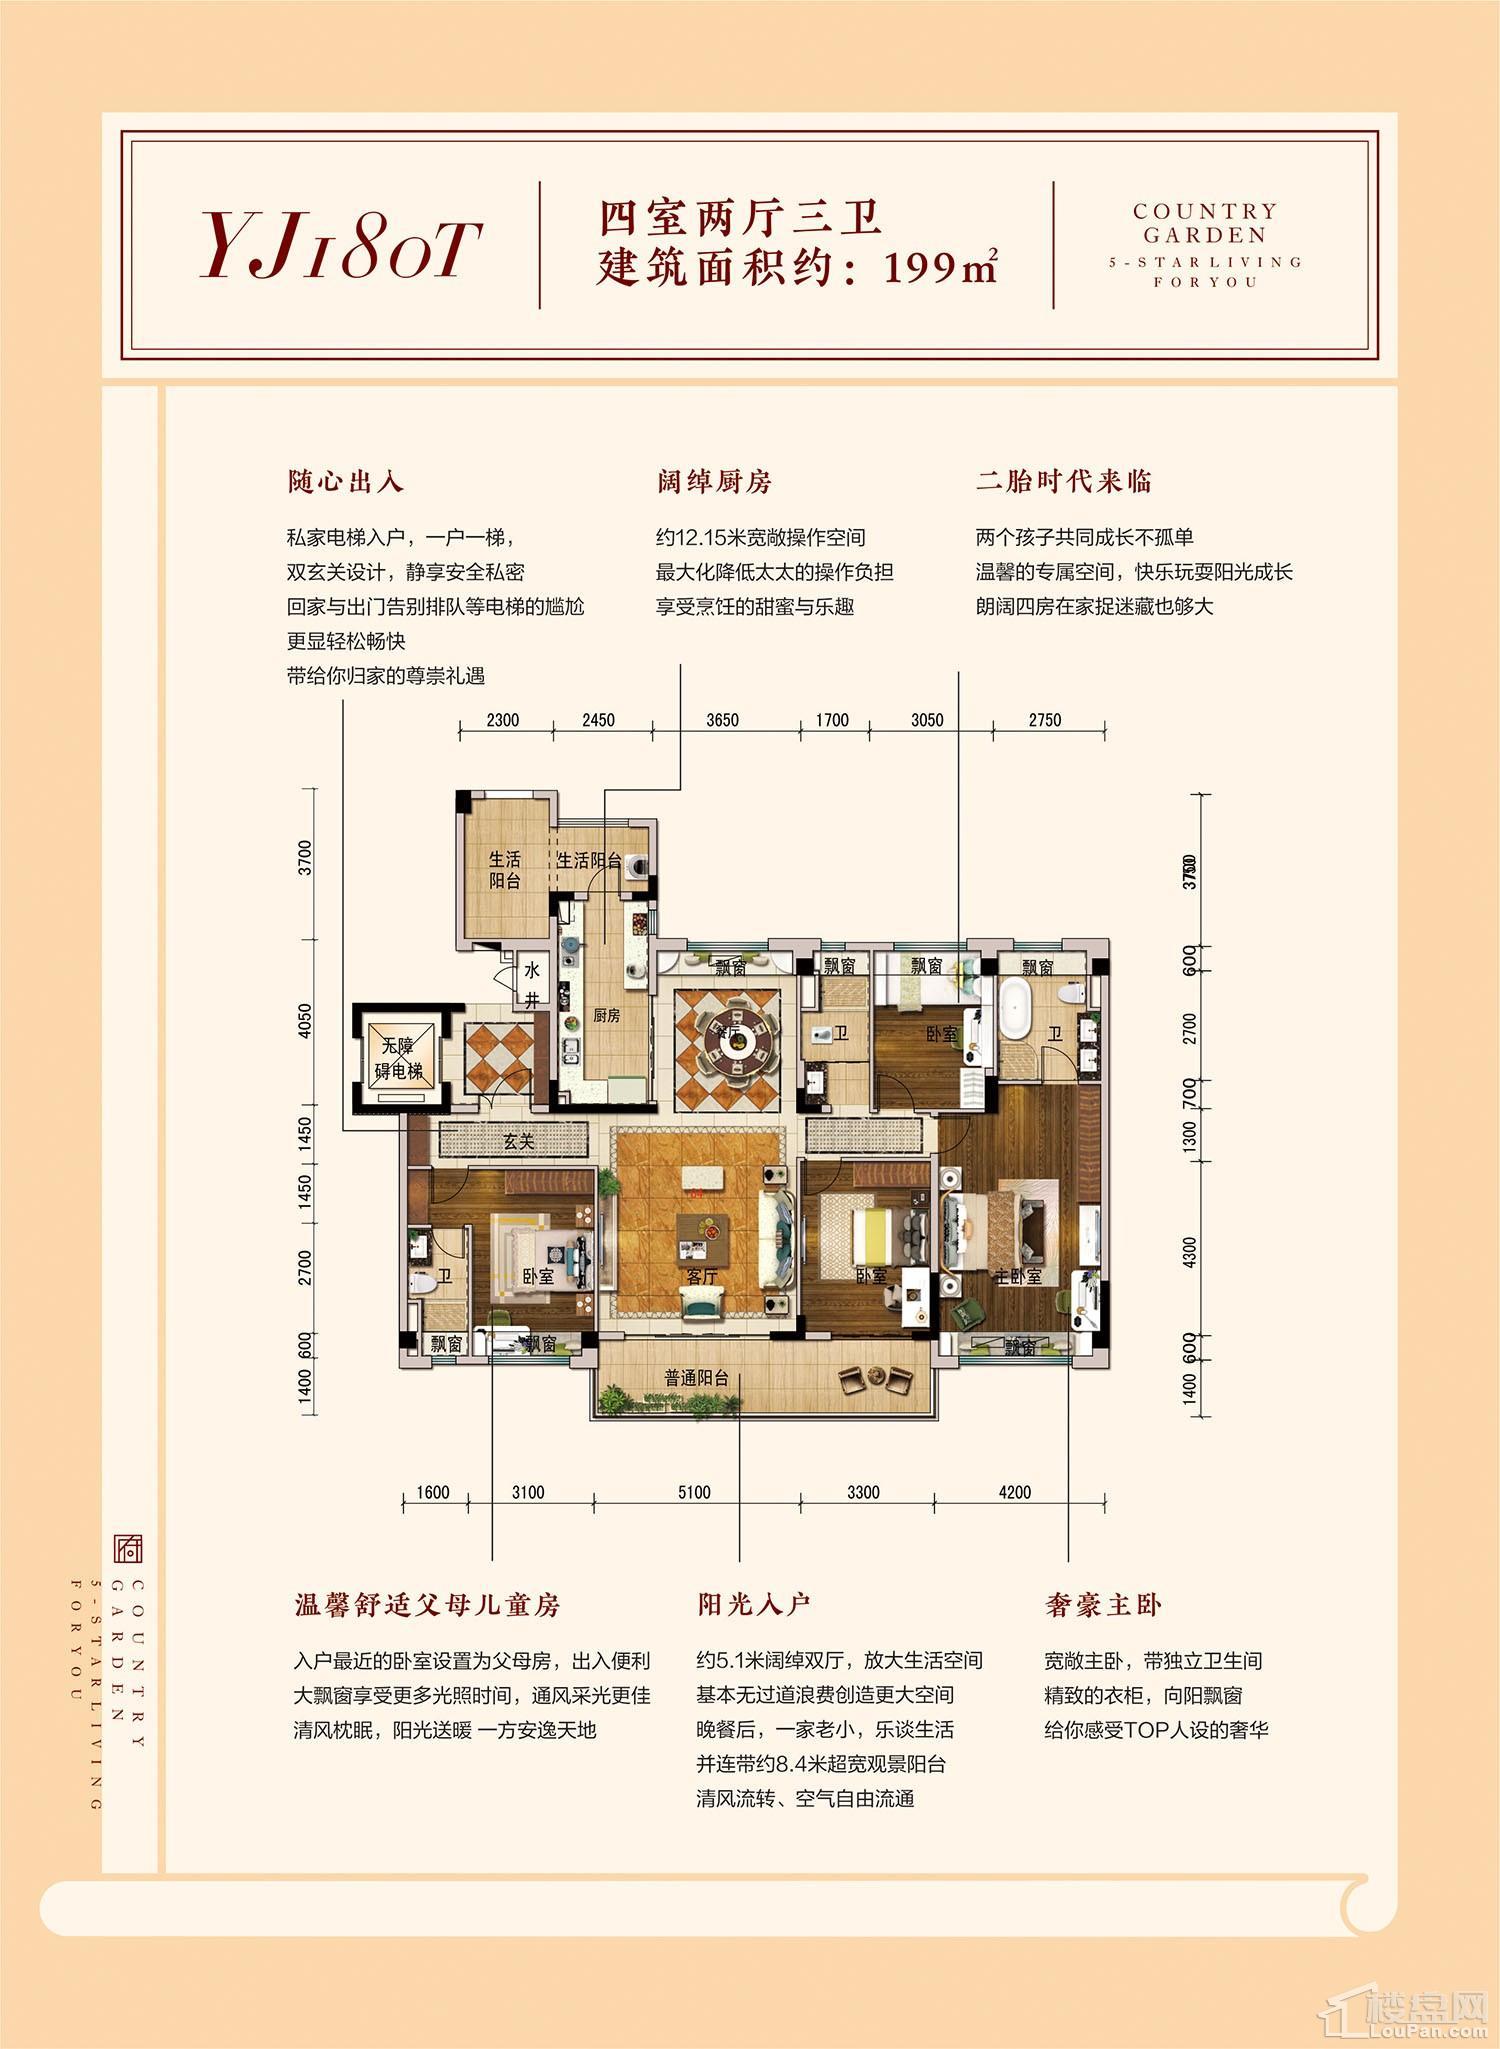 碧桂园·南平府YJ180T户型图